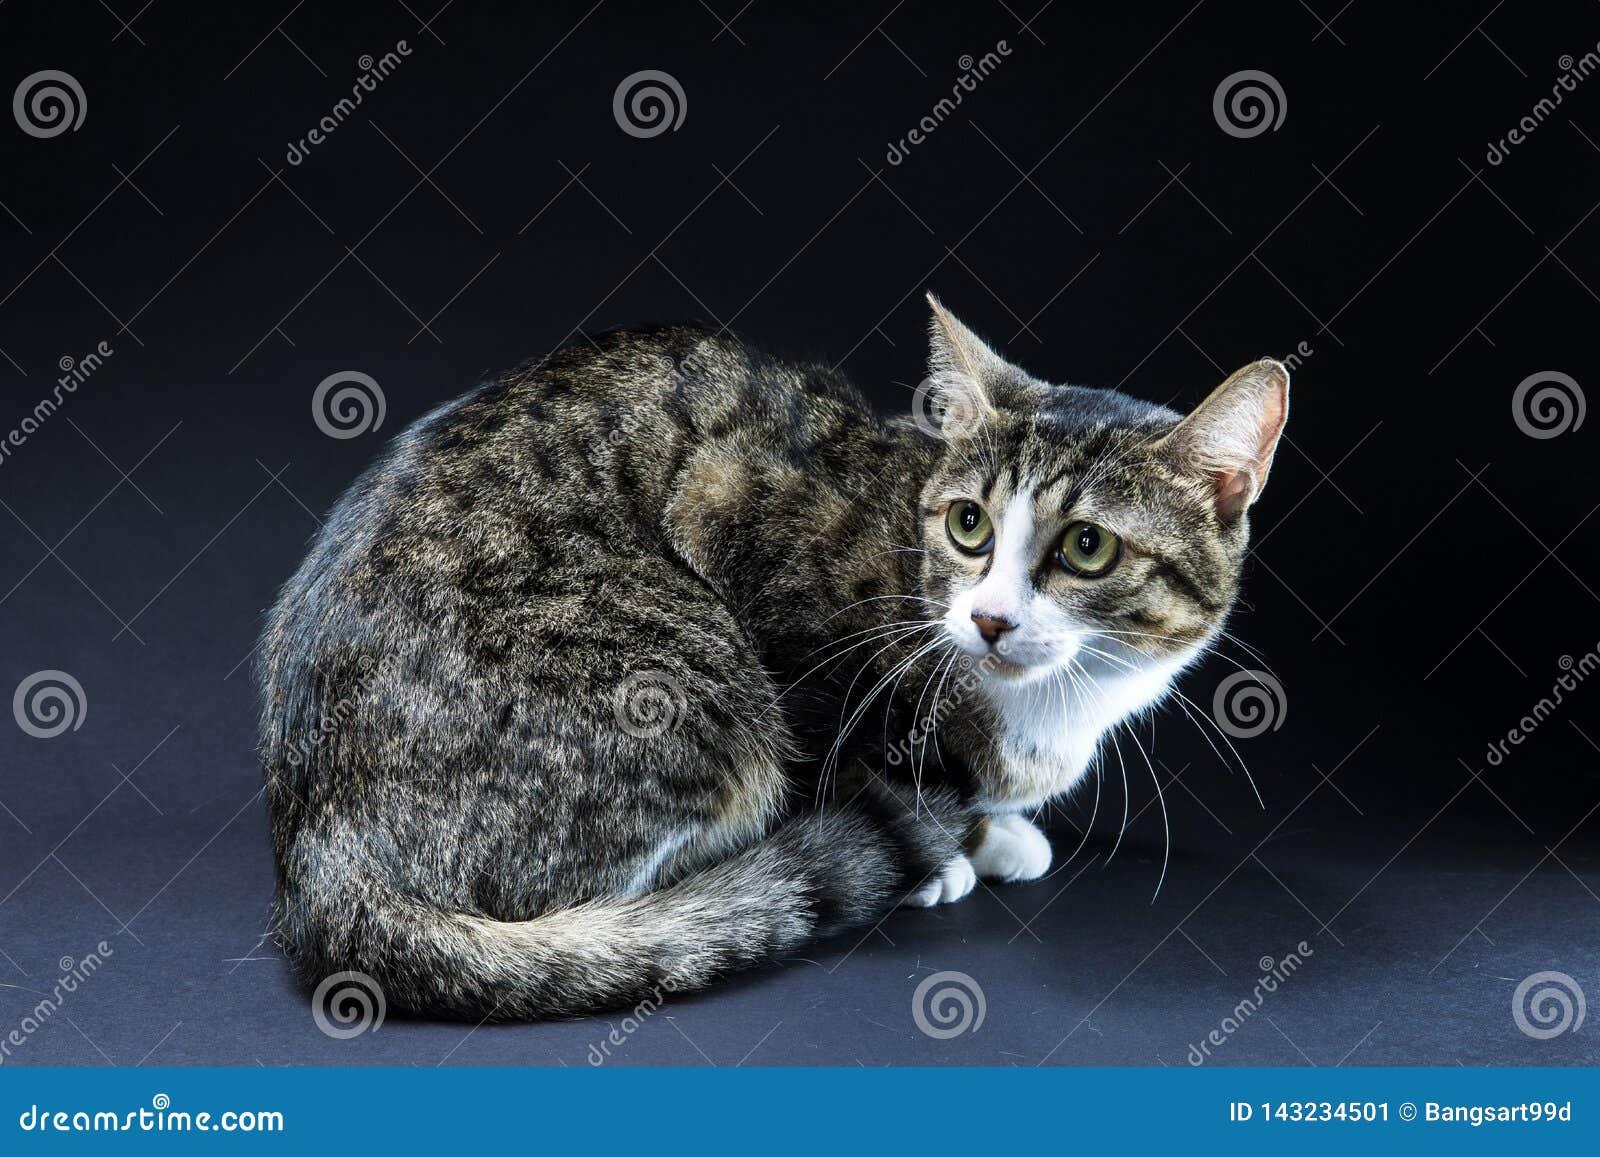 可爱的猫黑色背景